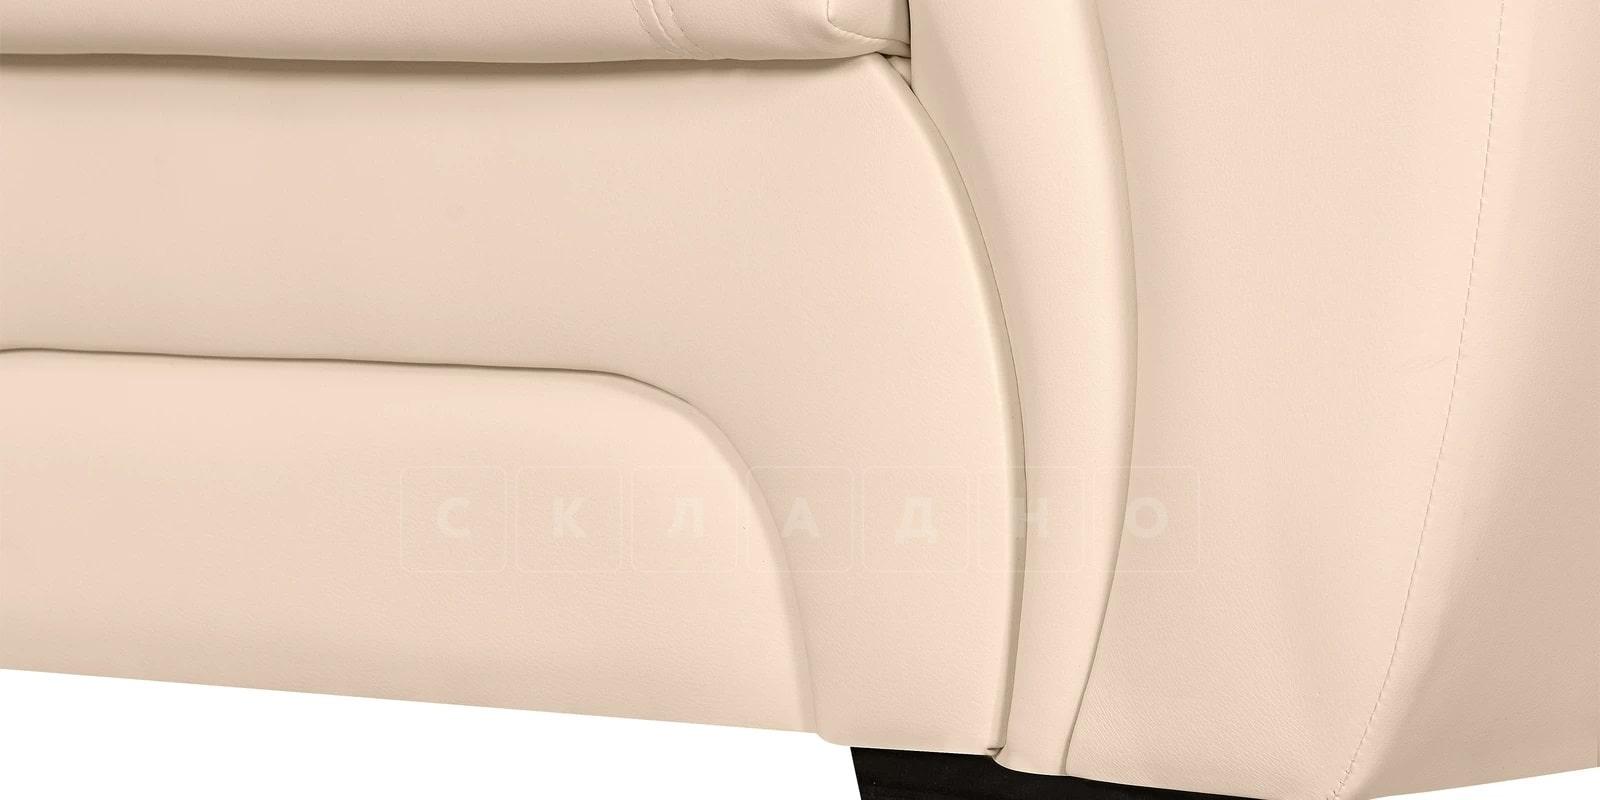 Кресло Бристоль кожаное бежевого цвета фото 7 | интернет-магазин Складно